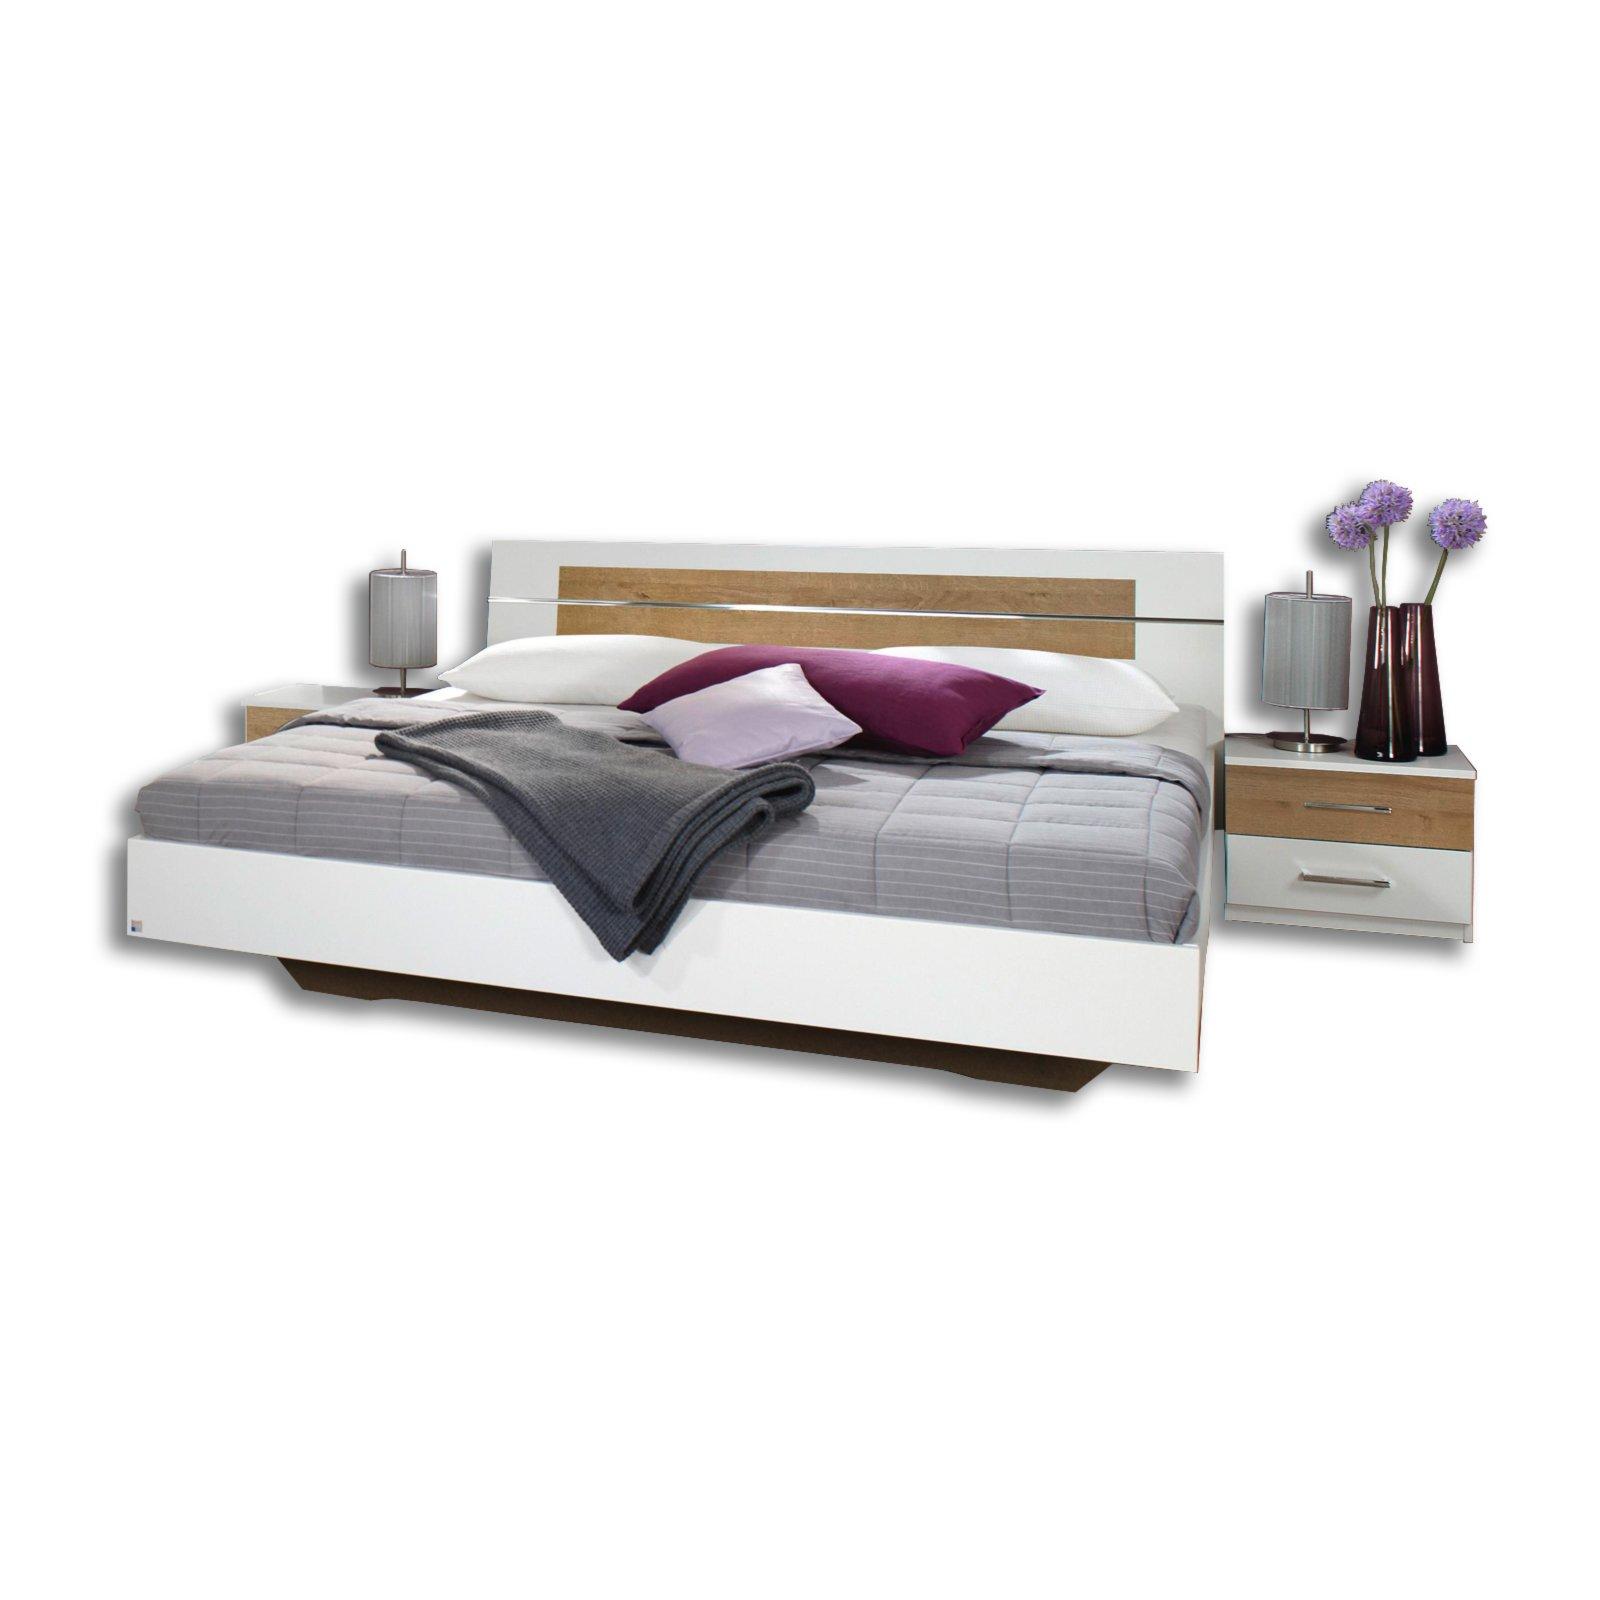 bettanlage burano alpinwei eiche riviera 180x200 cm bettgestelle betten m bel roller. Black Bedroom Furniture Sets. Home Design Ideas